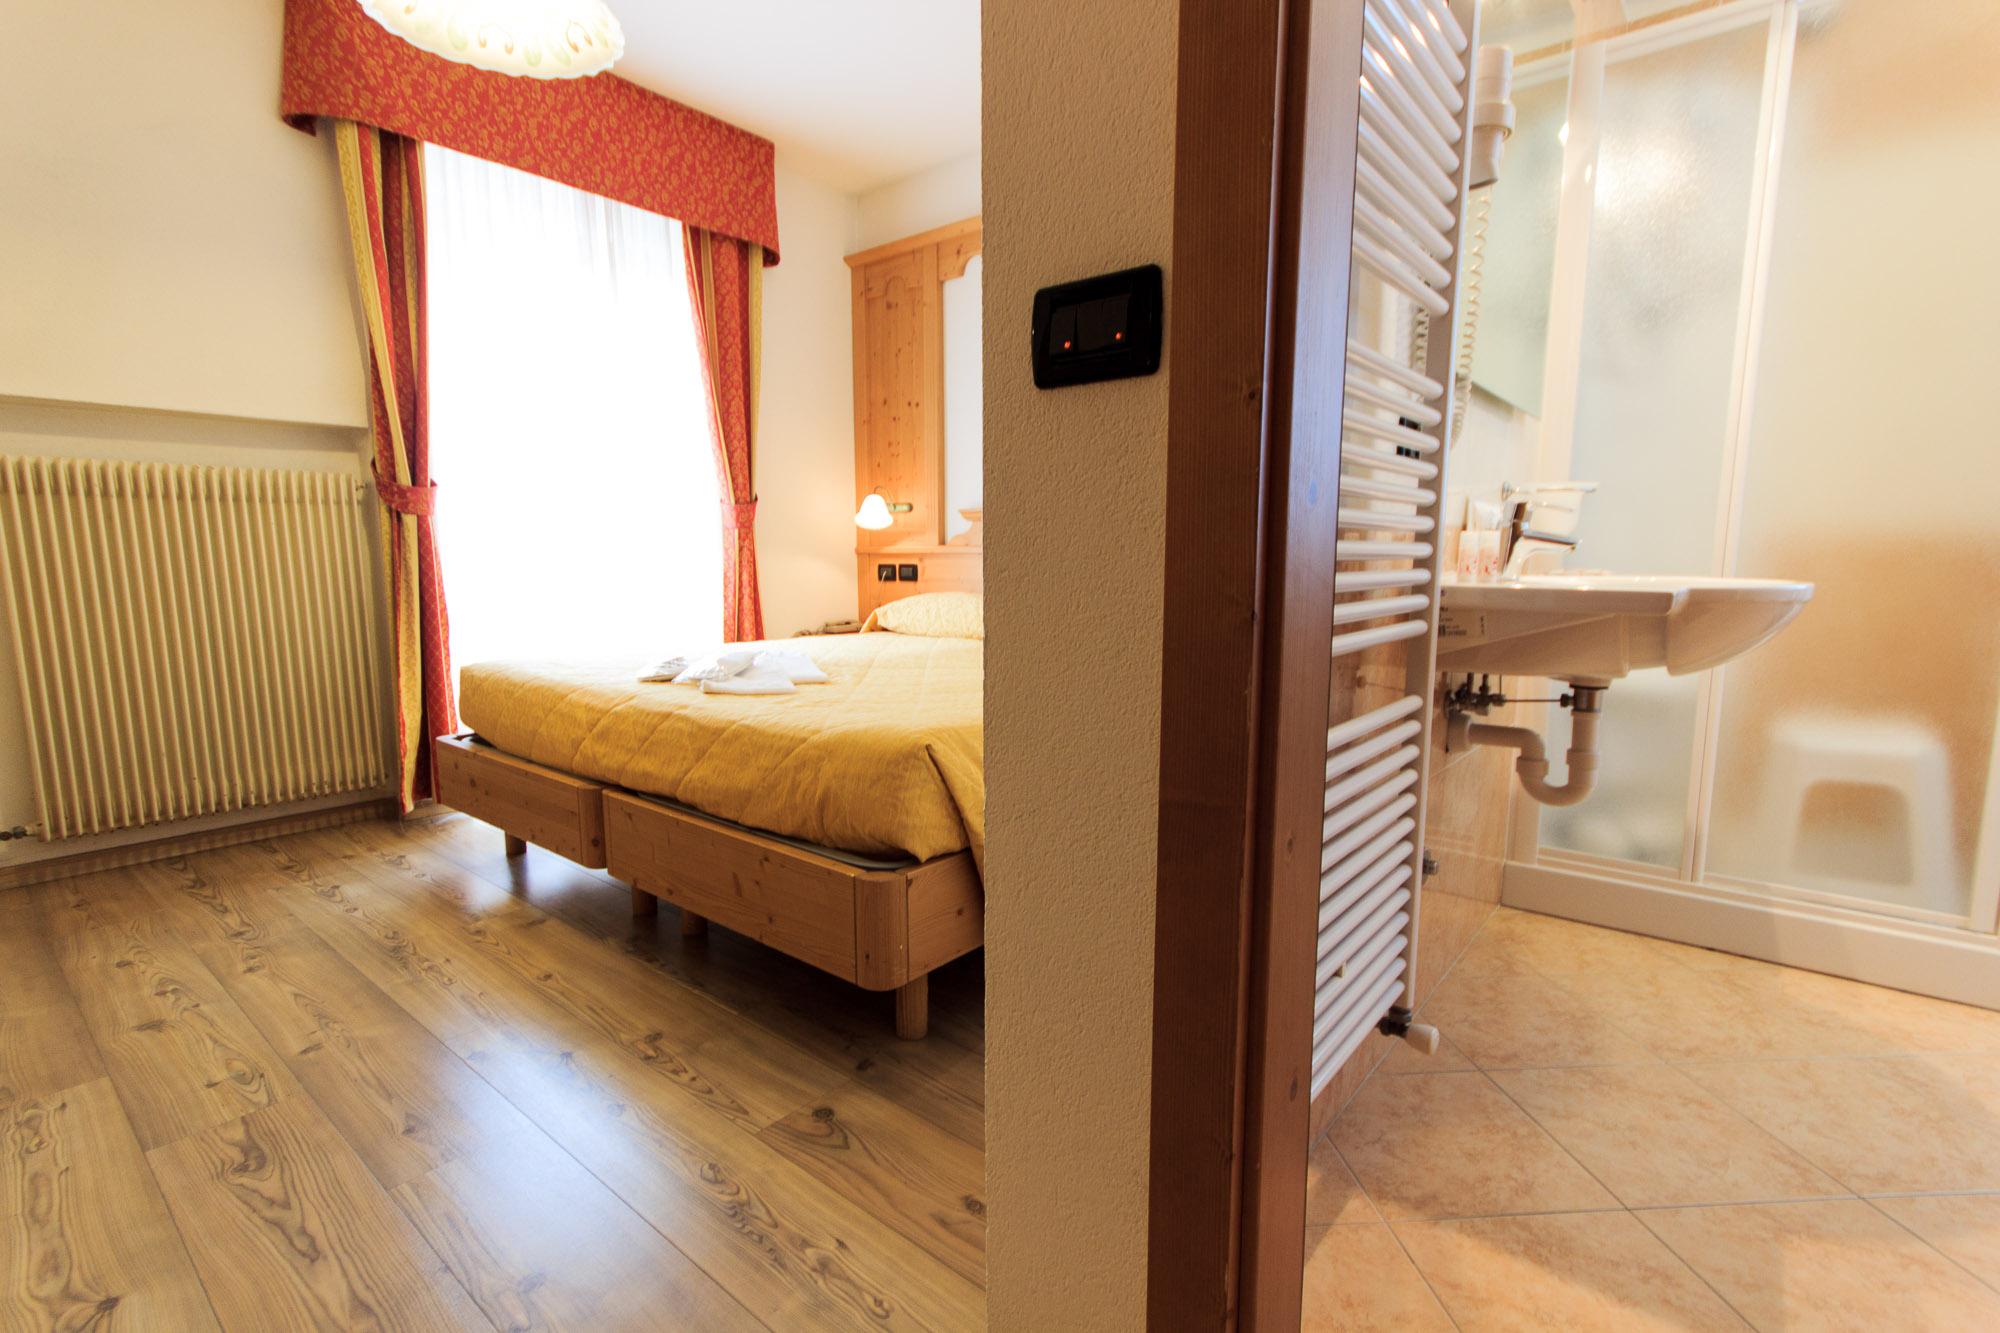 doppelzimmer hotel majorka. Black Bedroom Furniture Sets. Home Design Ideas